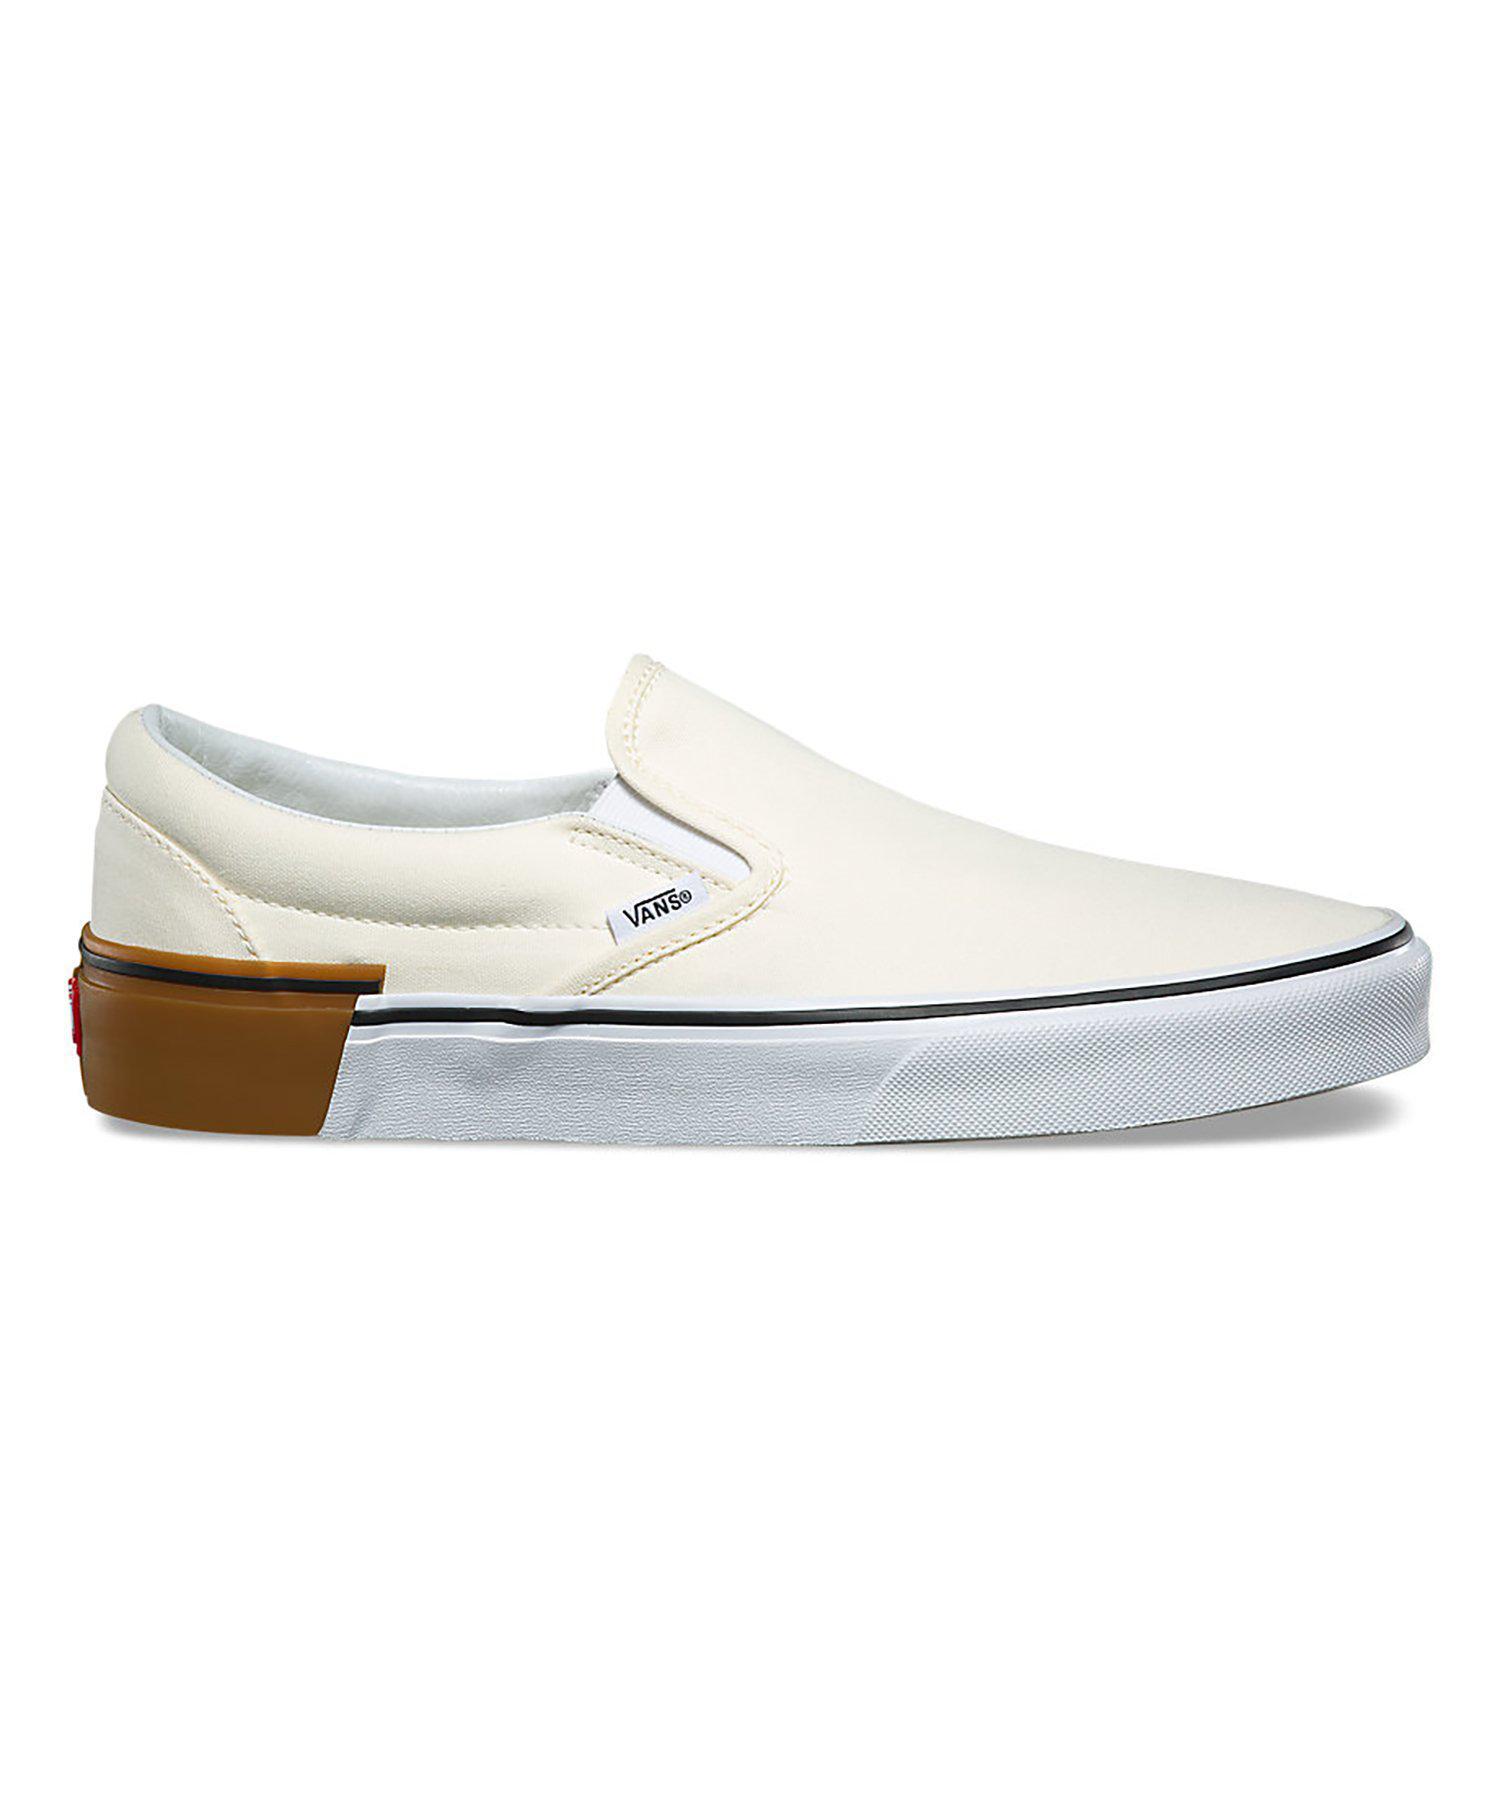 71a4e053988 Lyst - Vans Gum Block Slip-on In Classic White in White for Men